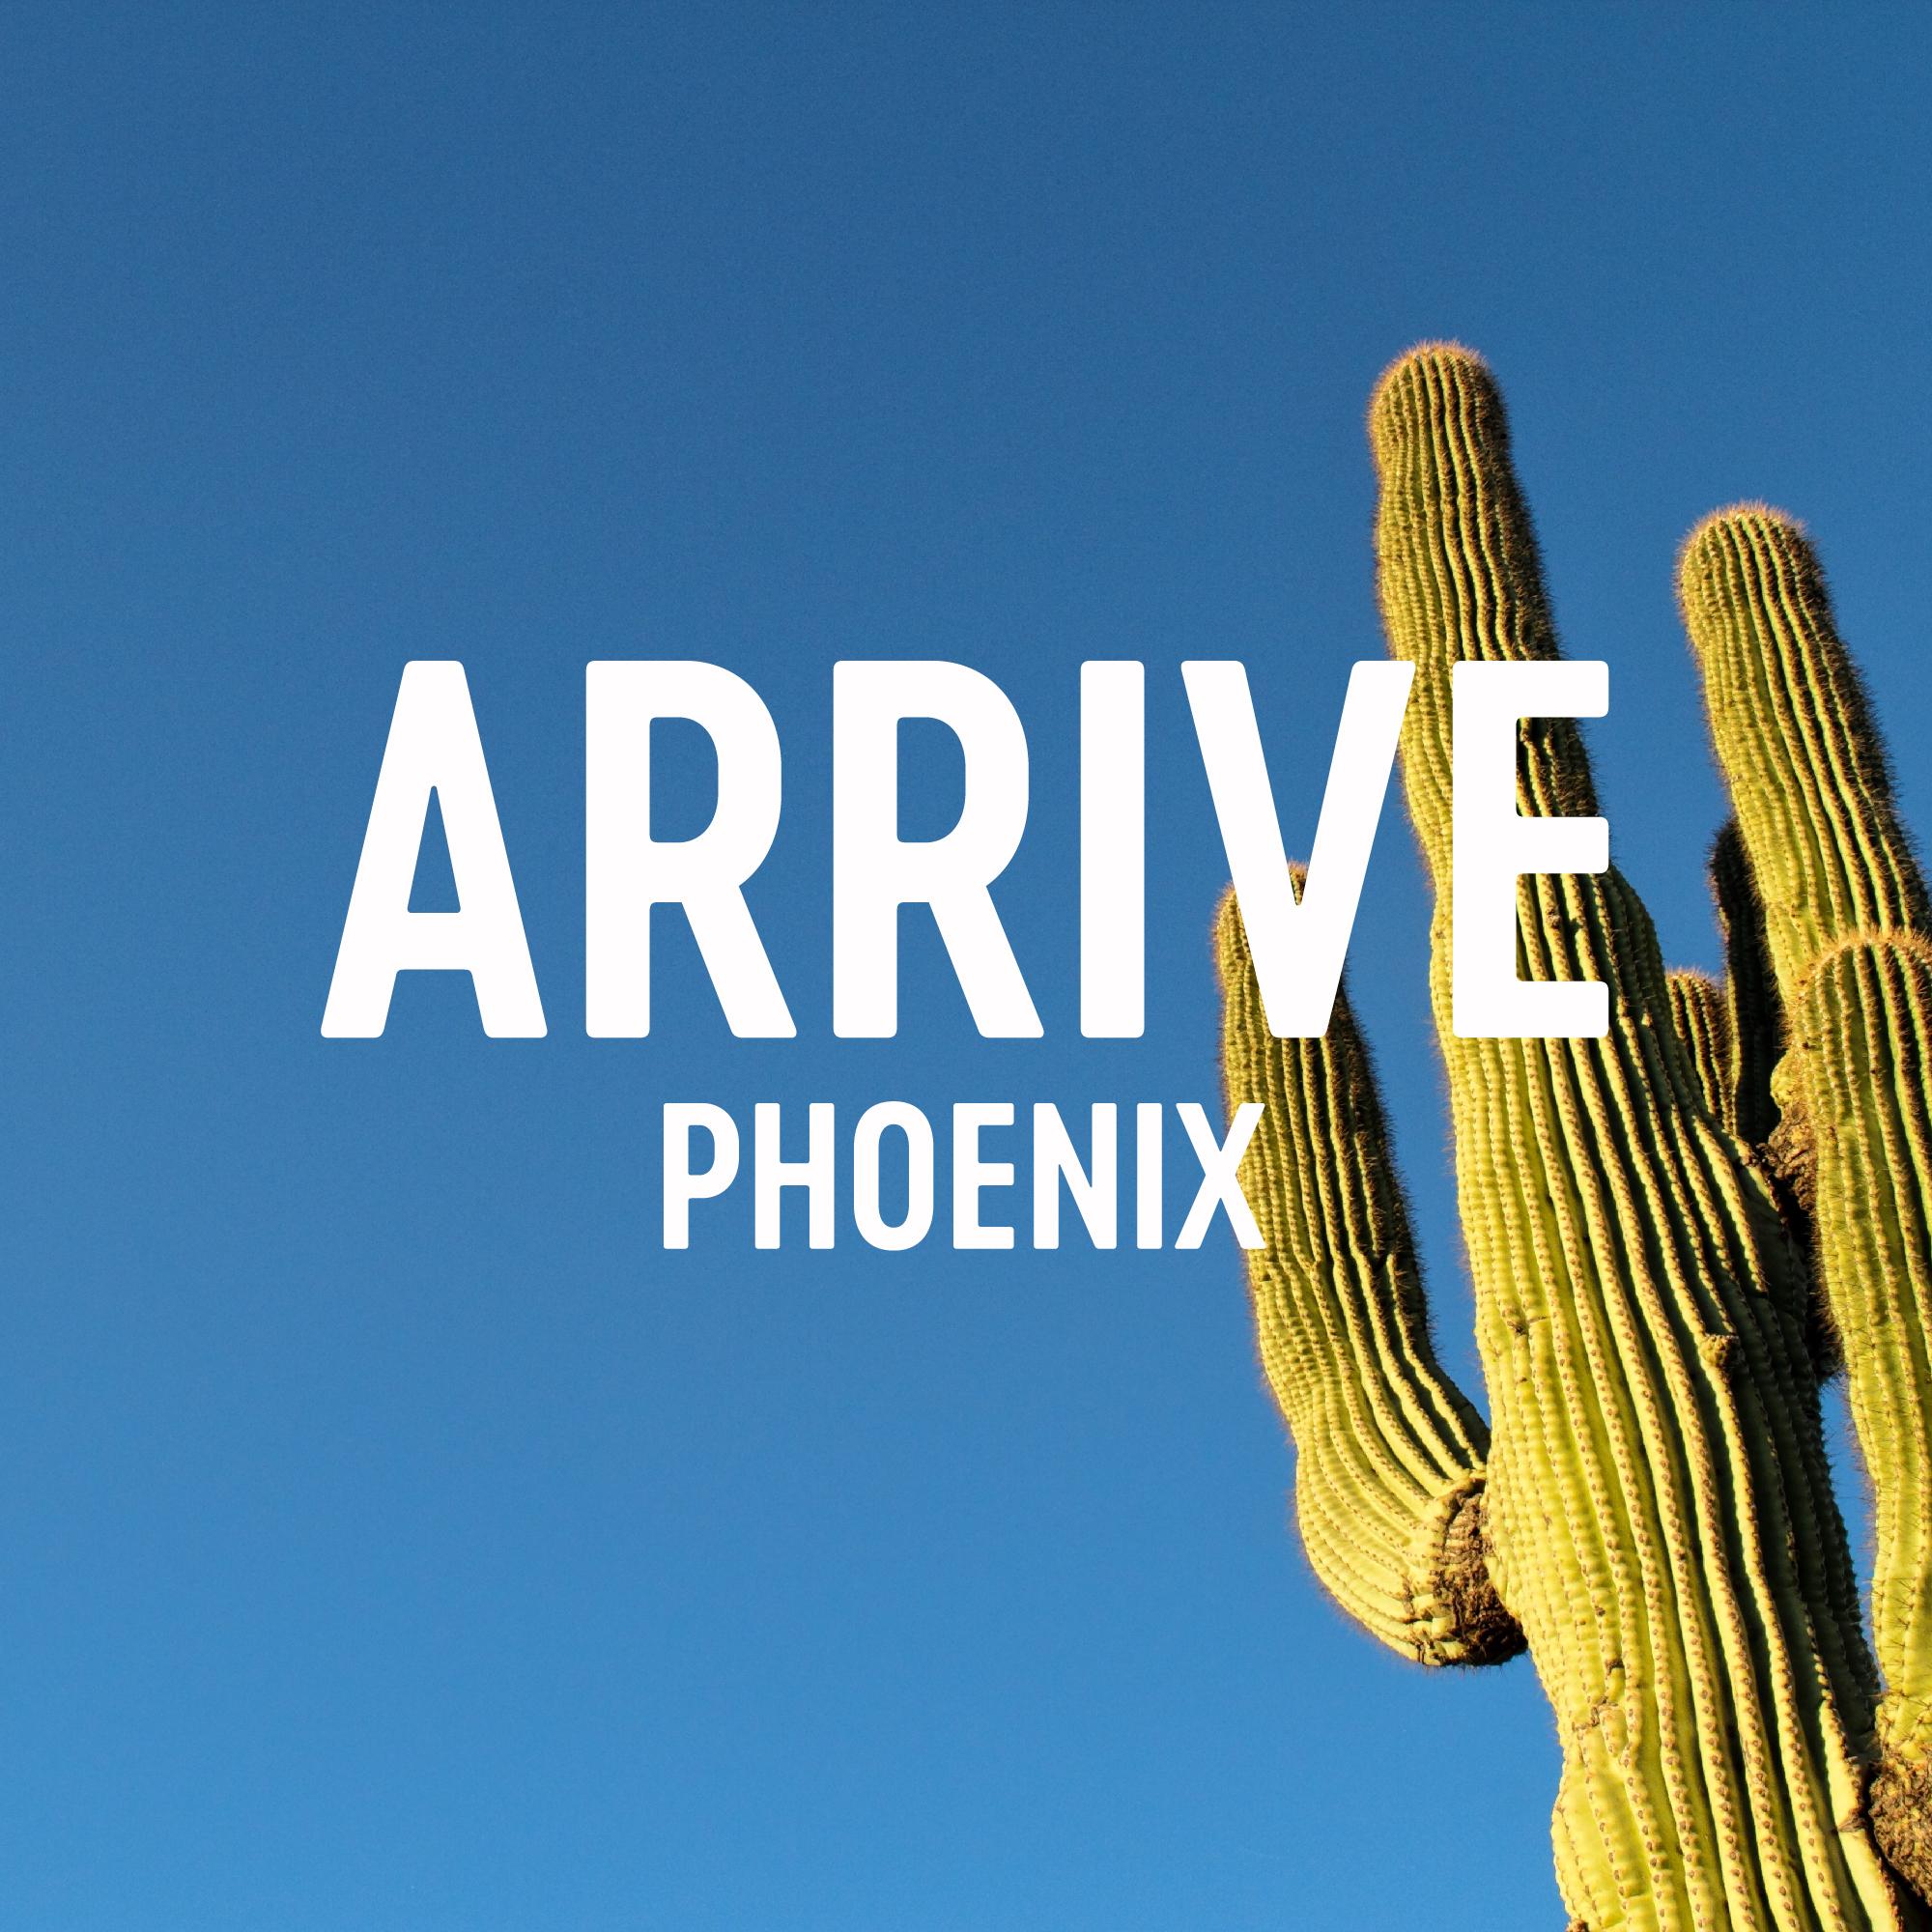 arrive_phoenix_thumbnail.jpg